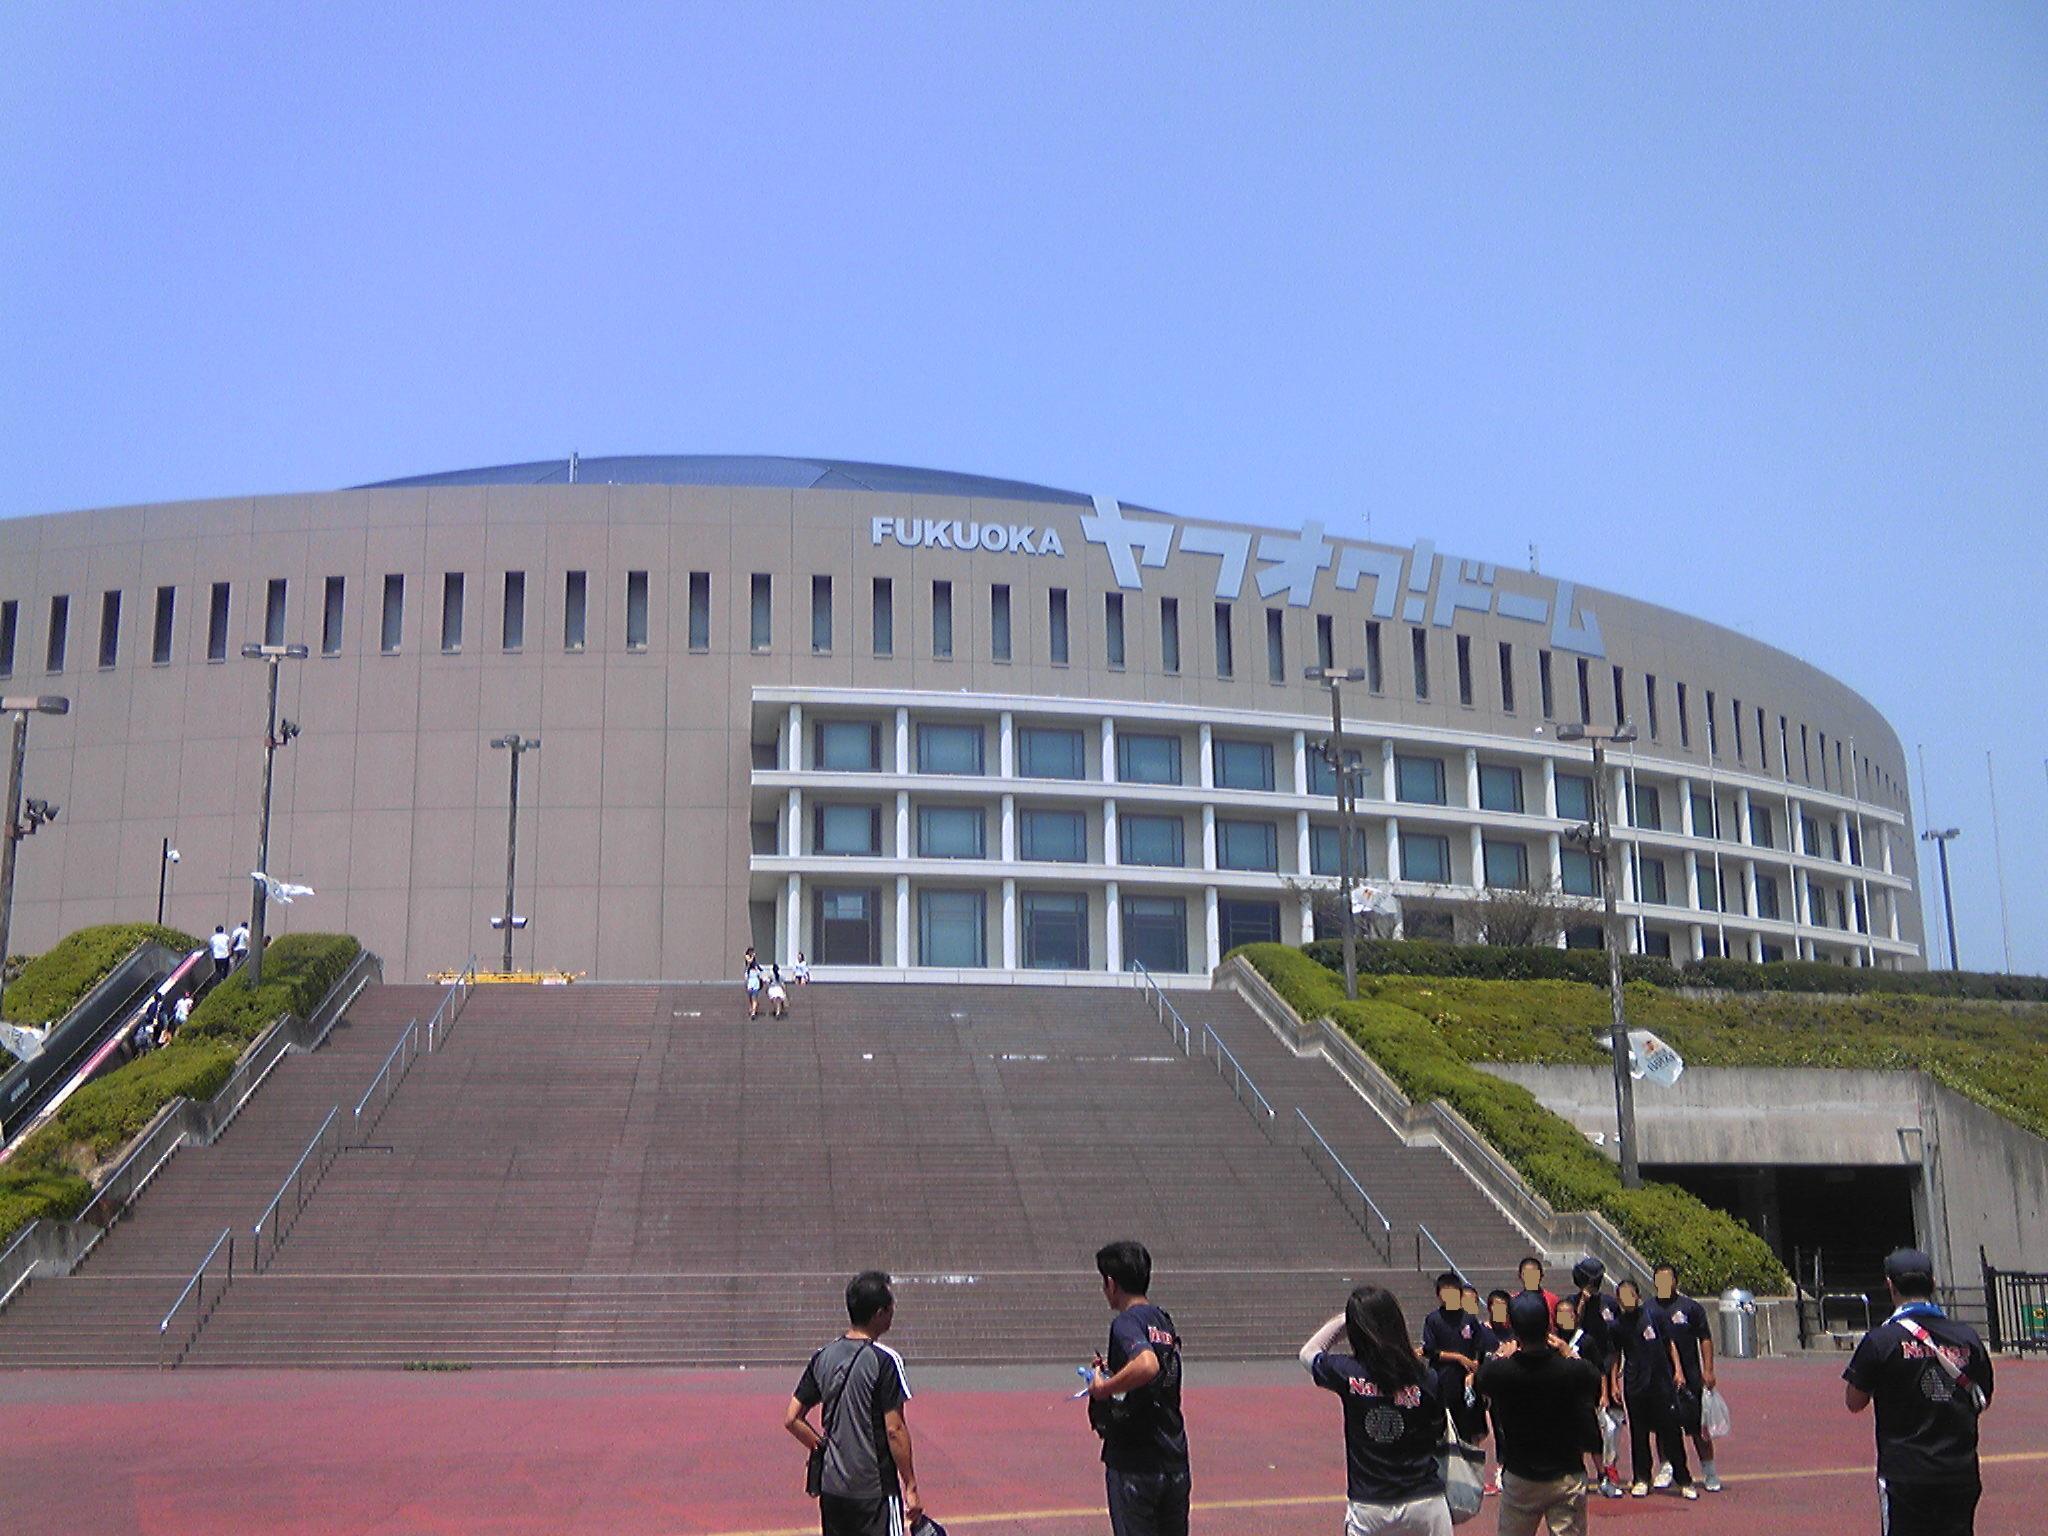 中洲・博多・天神の観光スポット 福岡 ヤフオク!ドーム